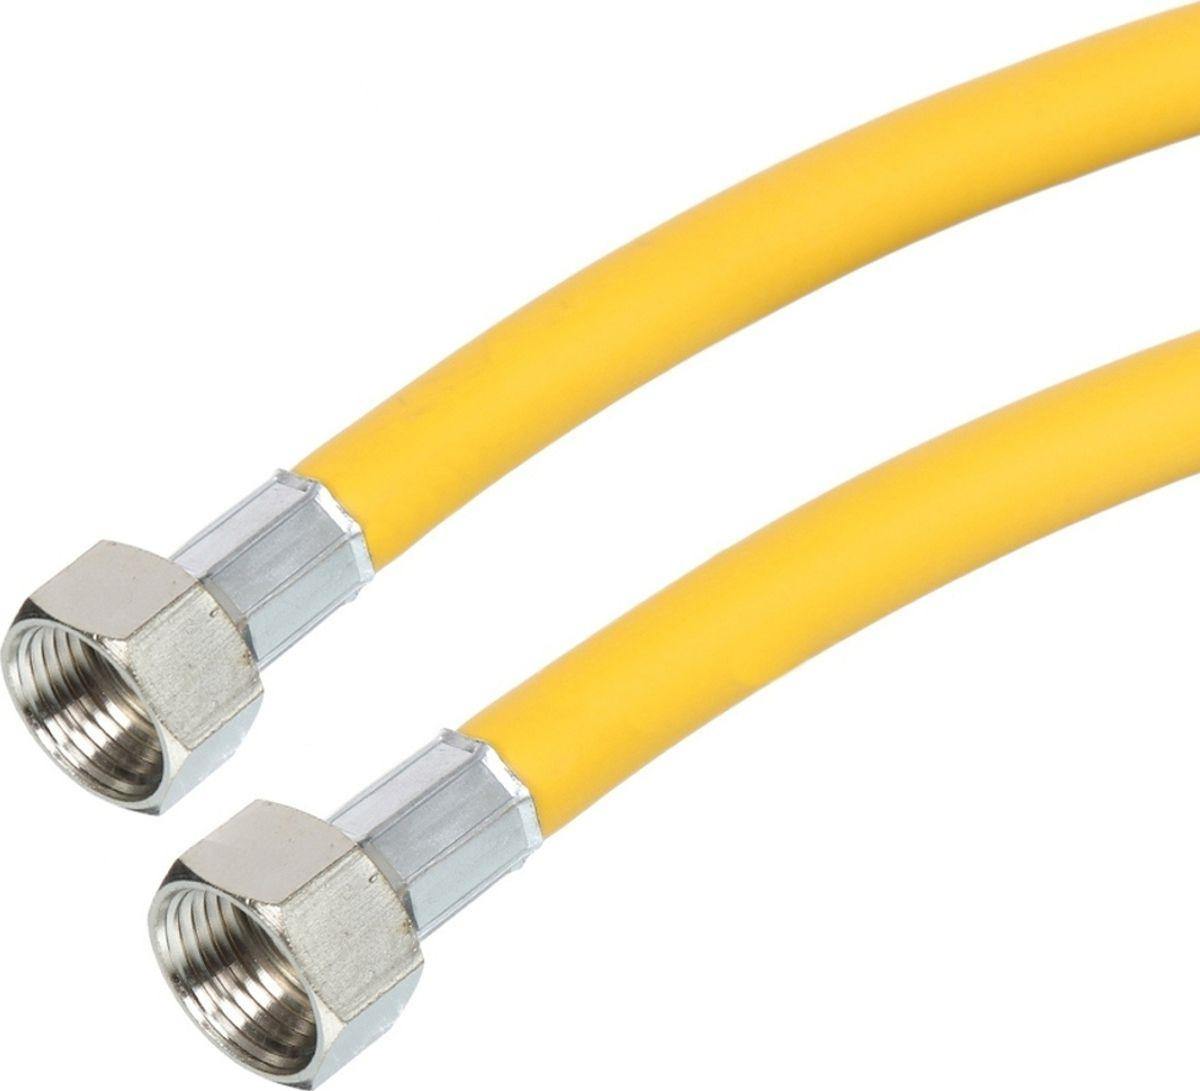 Шланг для газовых приборов Акваэлка, резиновый, цвет: желтый, 1/2х2,0 м в/в, MP-У газ всесезонный piktime для портативных газовых приборов 22